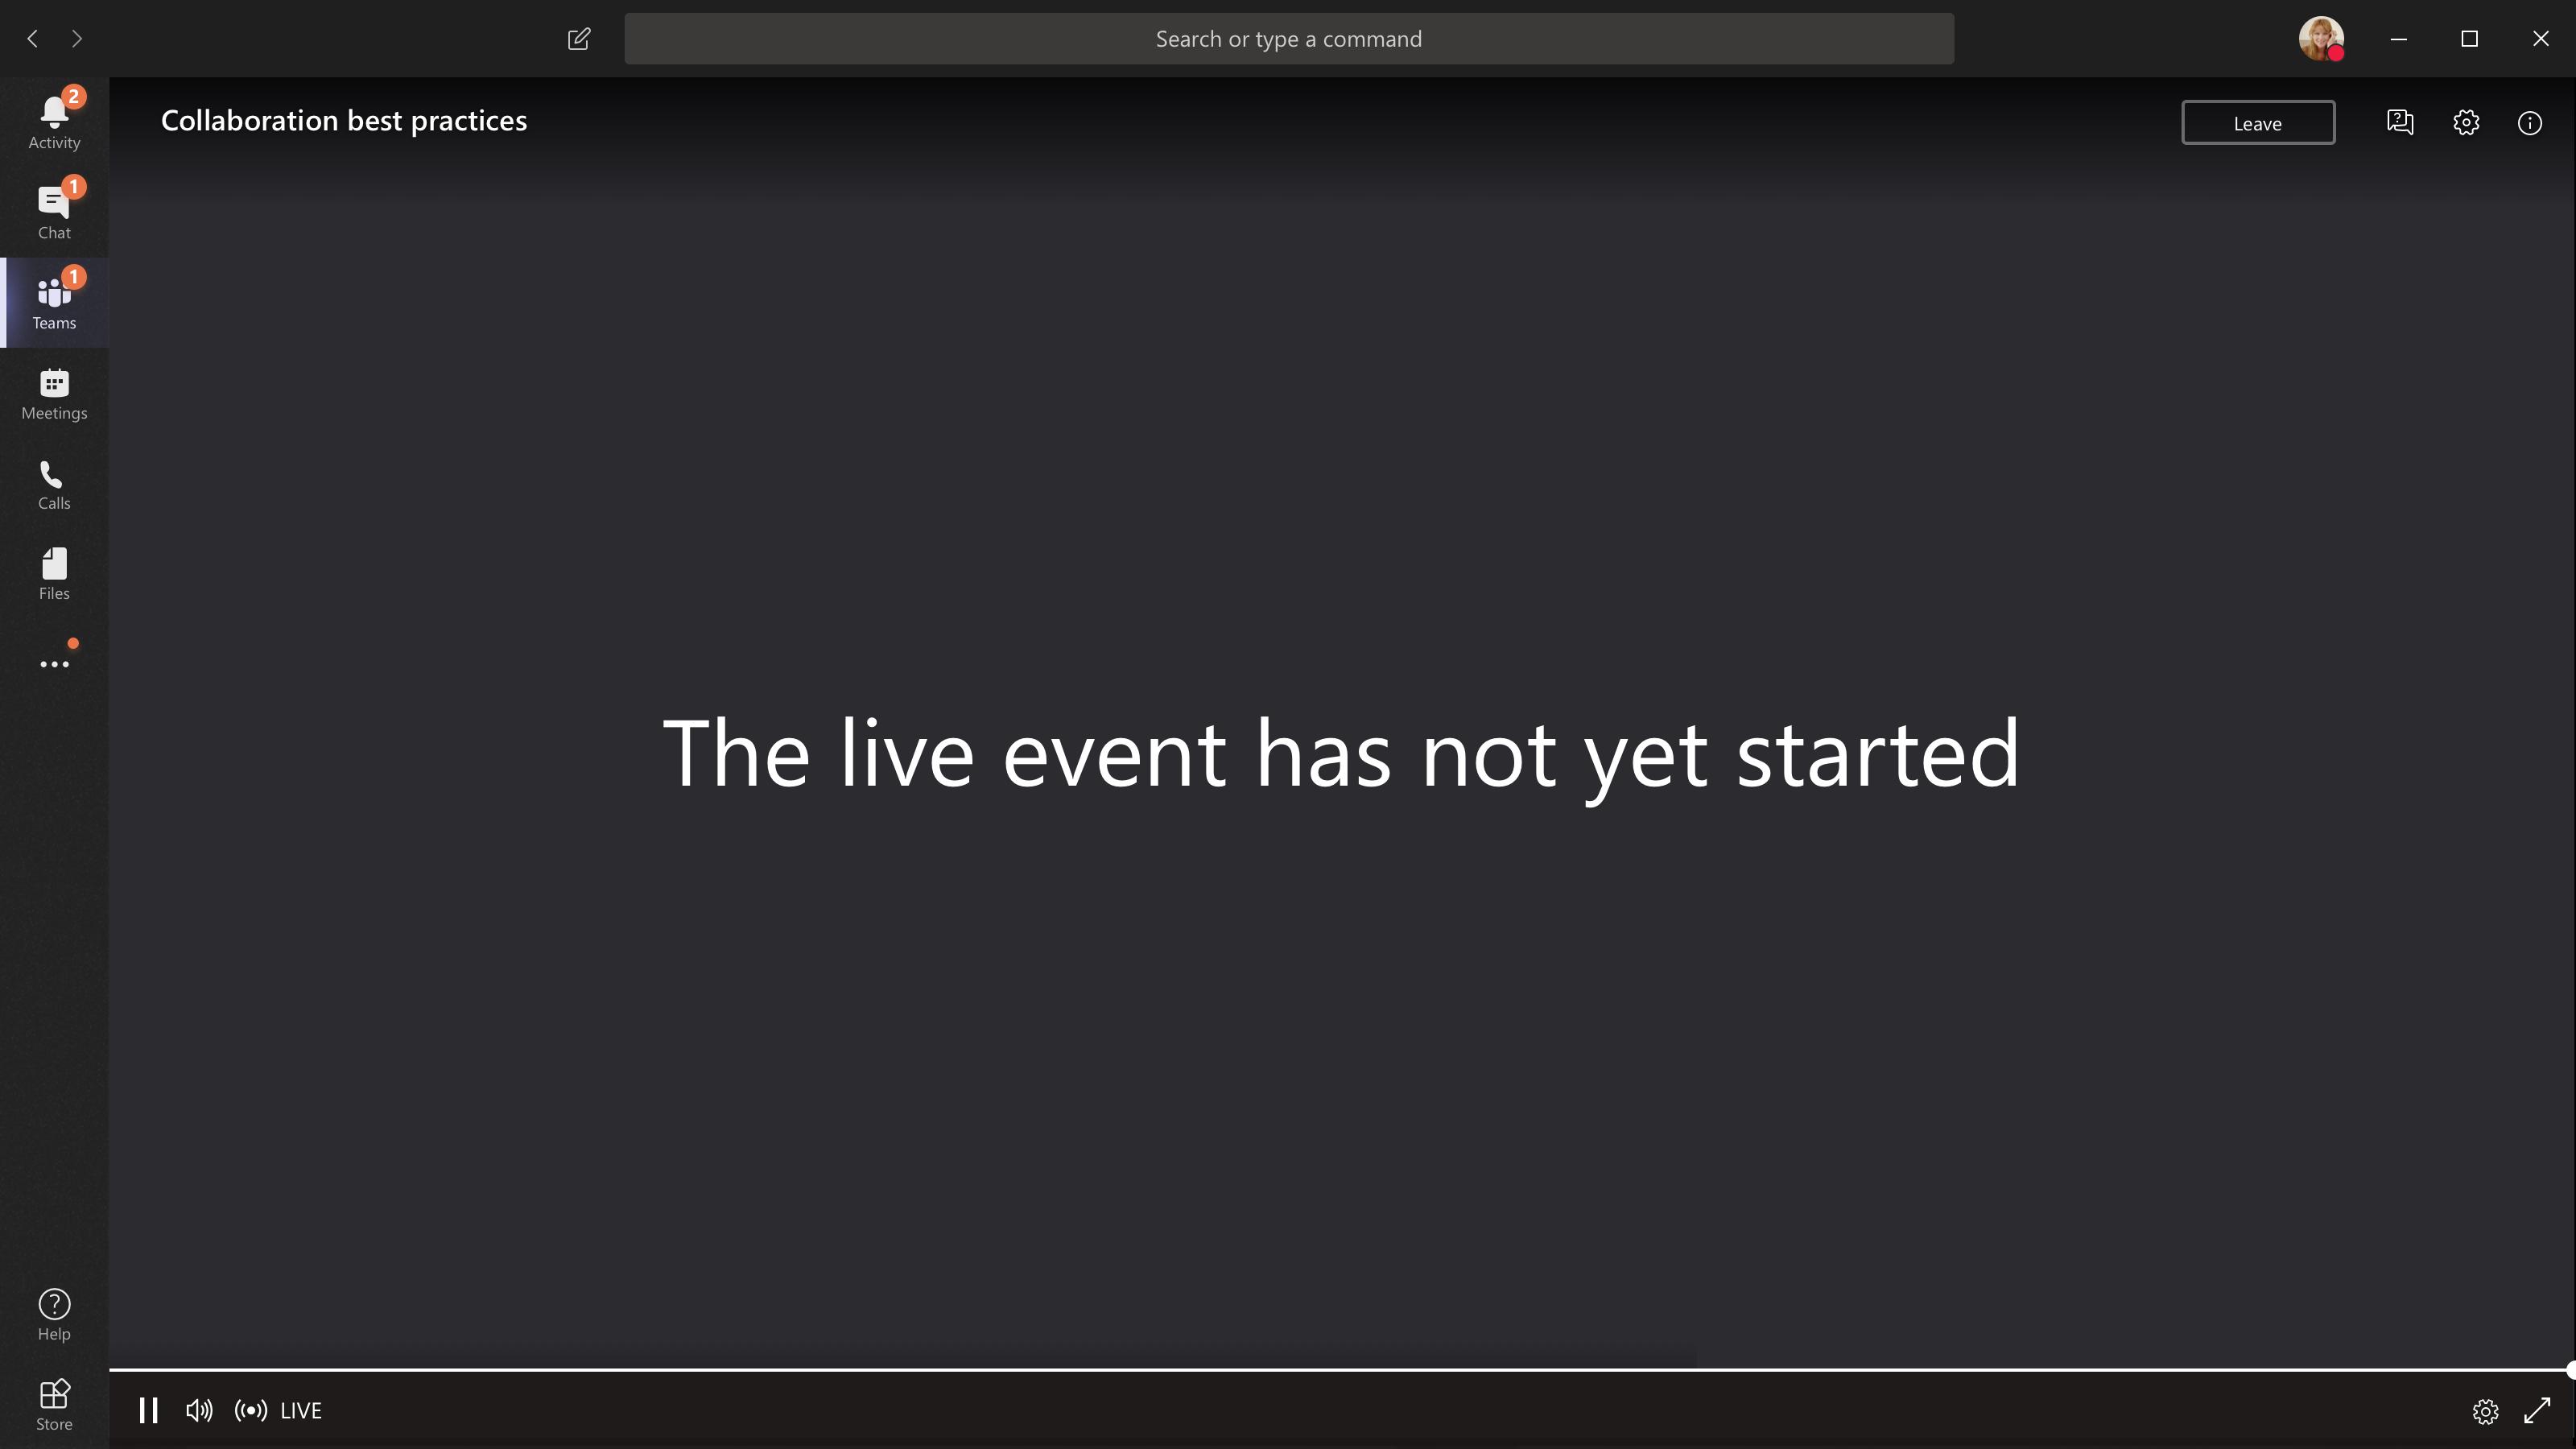 האירוע לא הופעל